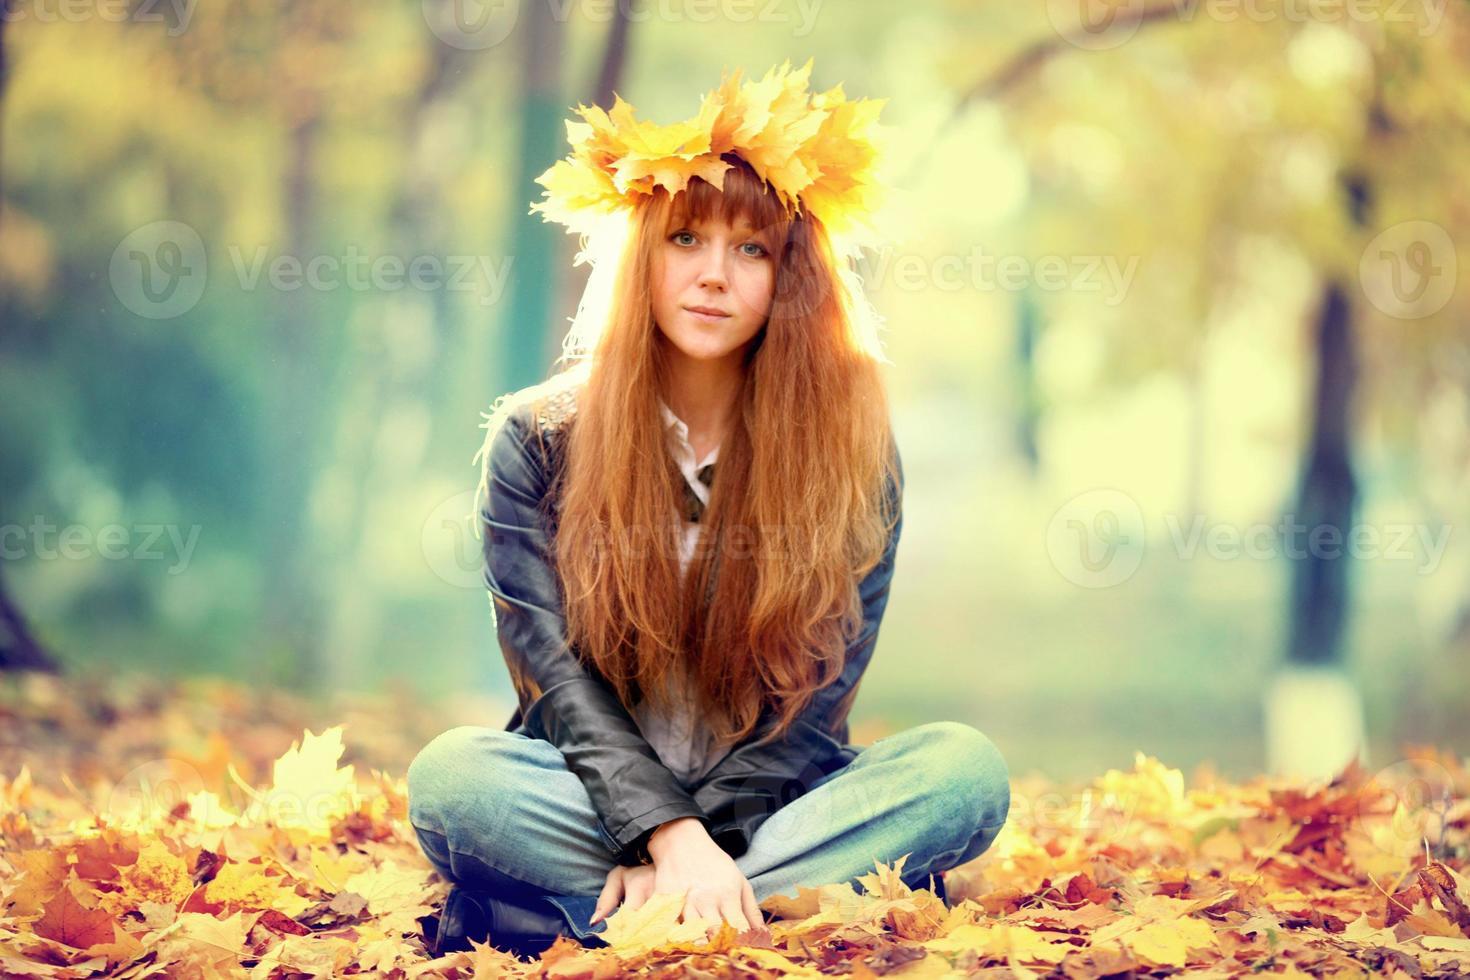 retrato de una mujer que llevaba una corona de hojas de arce foto